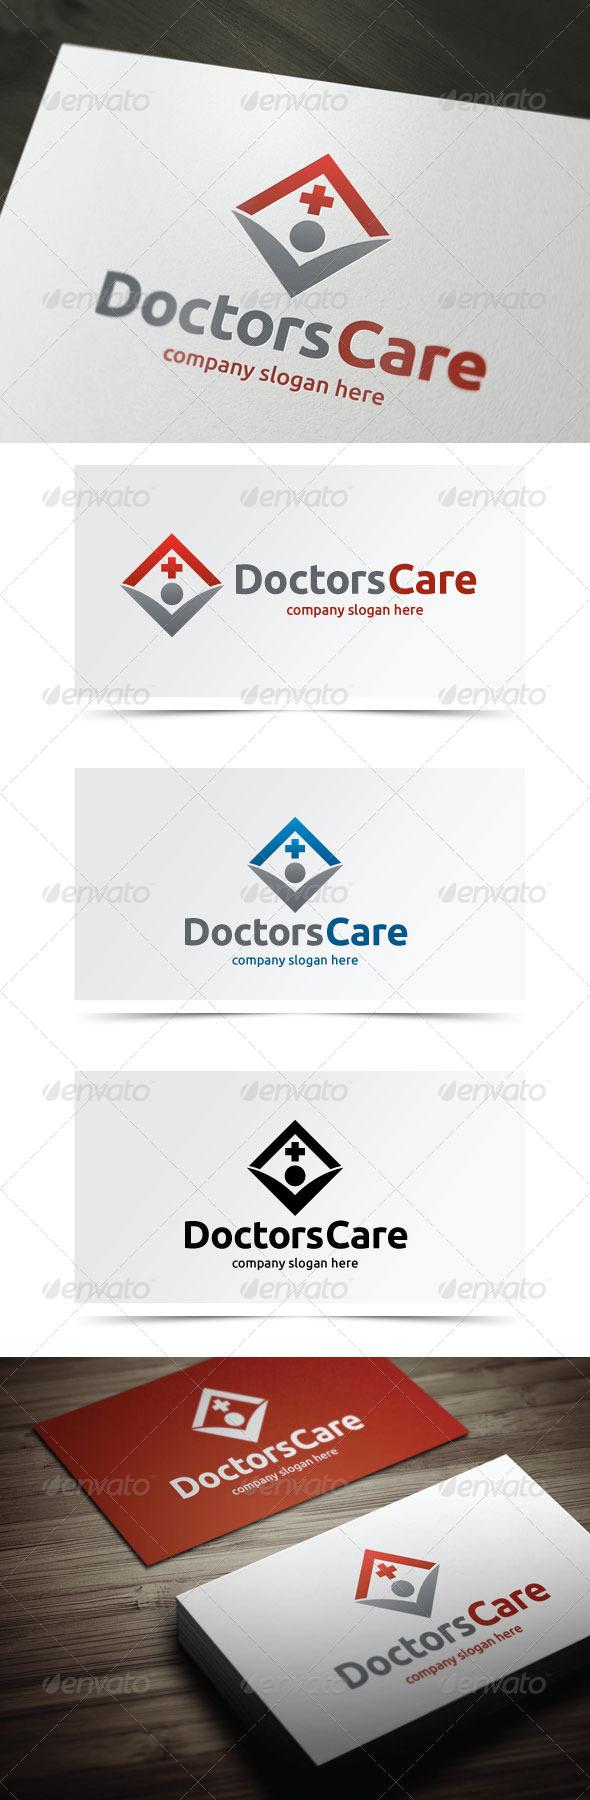 GraphicRiver Doctors Care 5483855